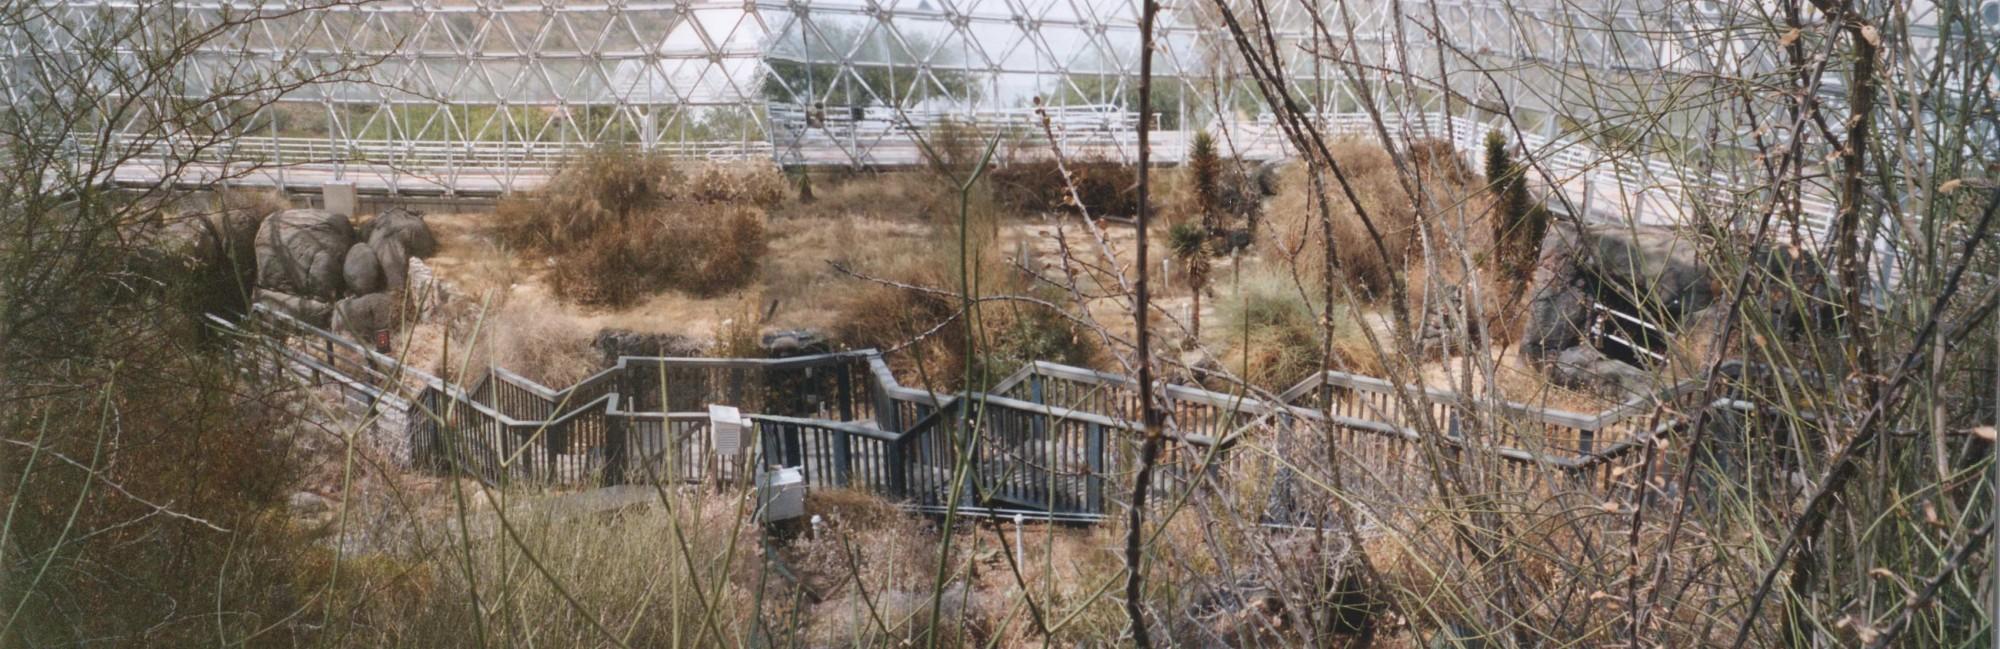 Le désert, partie aride basse,  vu depuis la zone à épineux haute, à la sortie de la savane. Ce désert représentant celui de la côte des brumes du Chili,  fleurit en hiver. Toutes les passerelles ont été installées il y a 3 ans et n'existaient donc pas lors de l'expérimentation « Biosphère 2 ». (doc. A. Souchier)